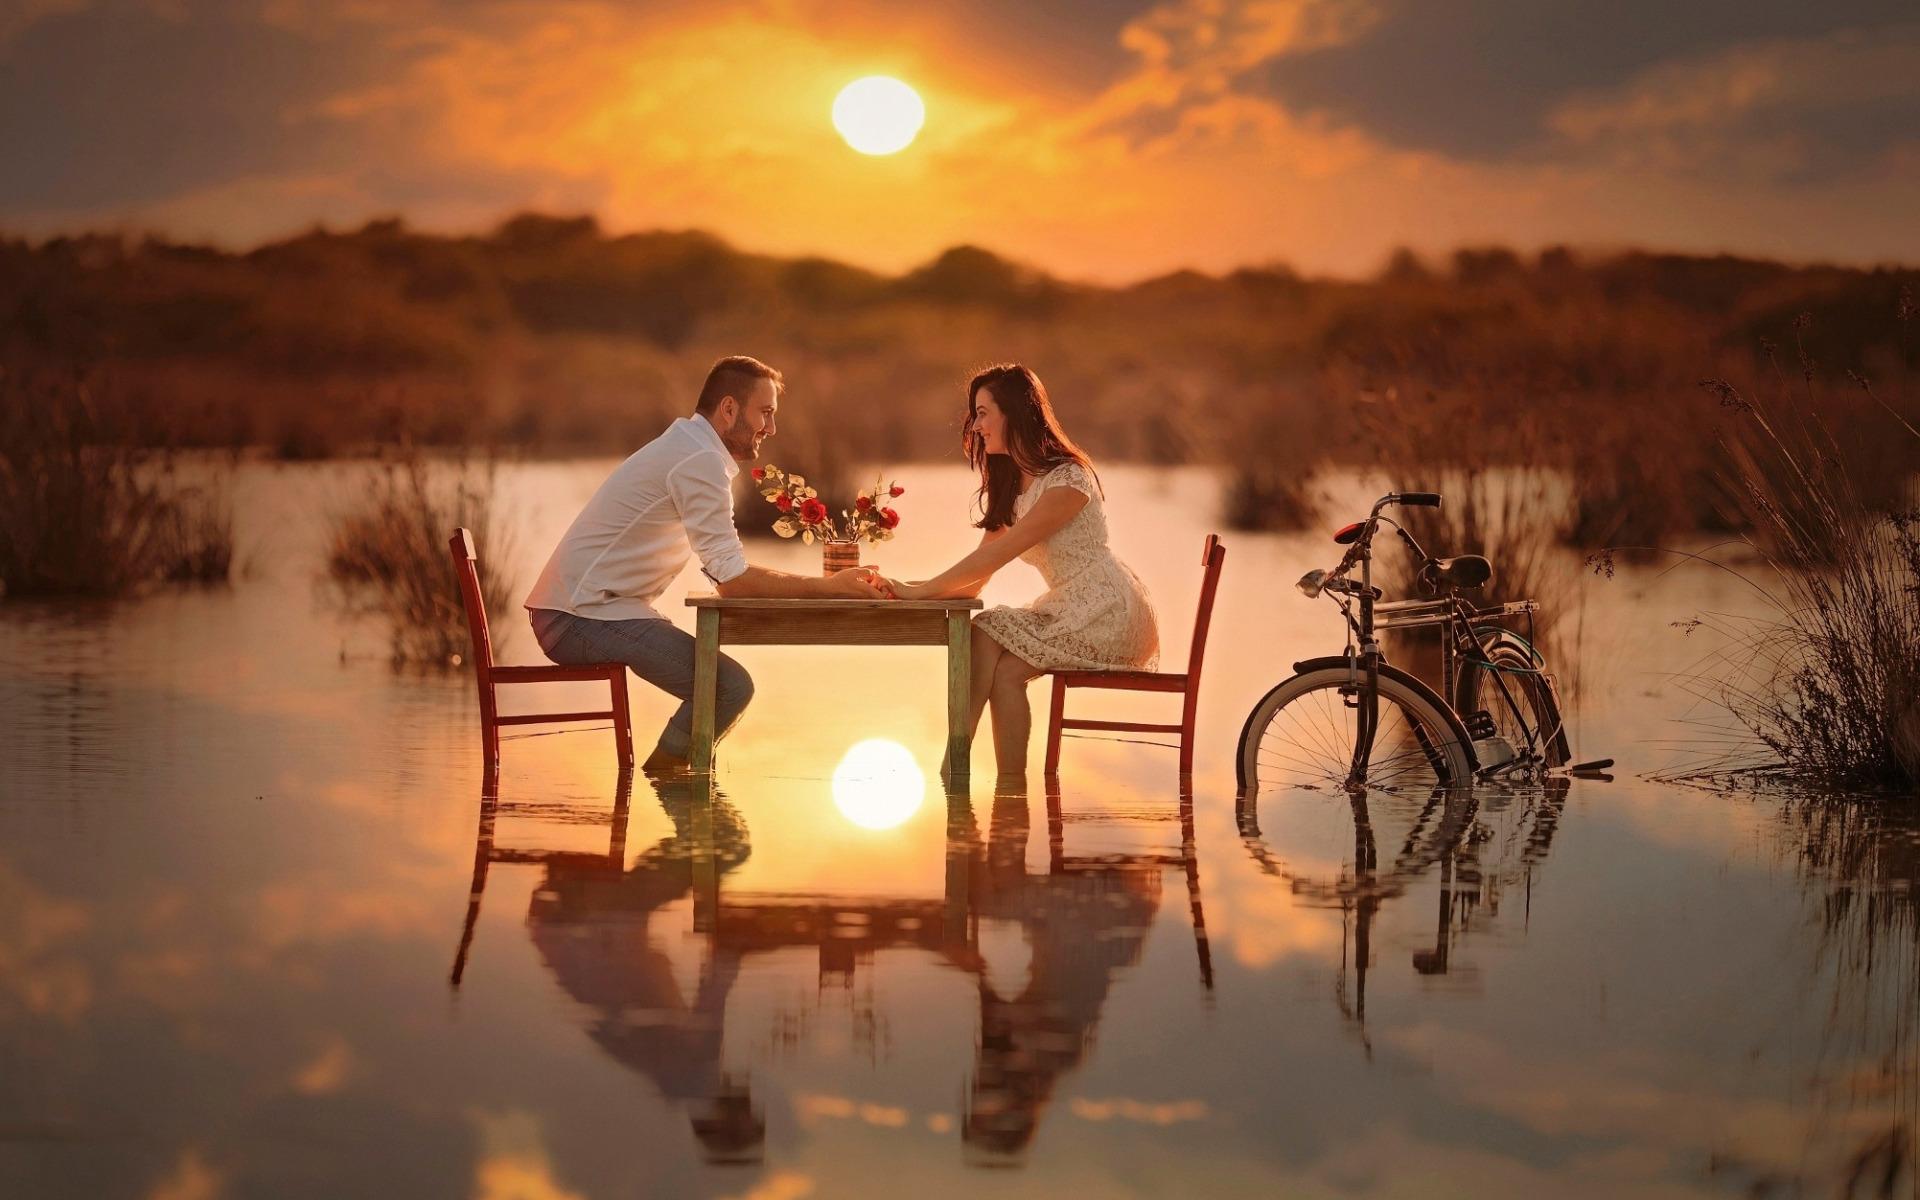 романтические видео вдвоем - 7